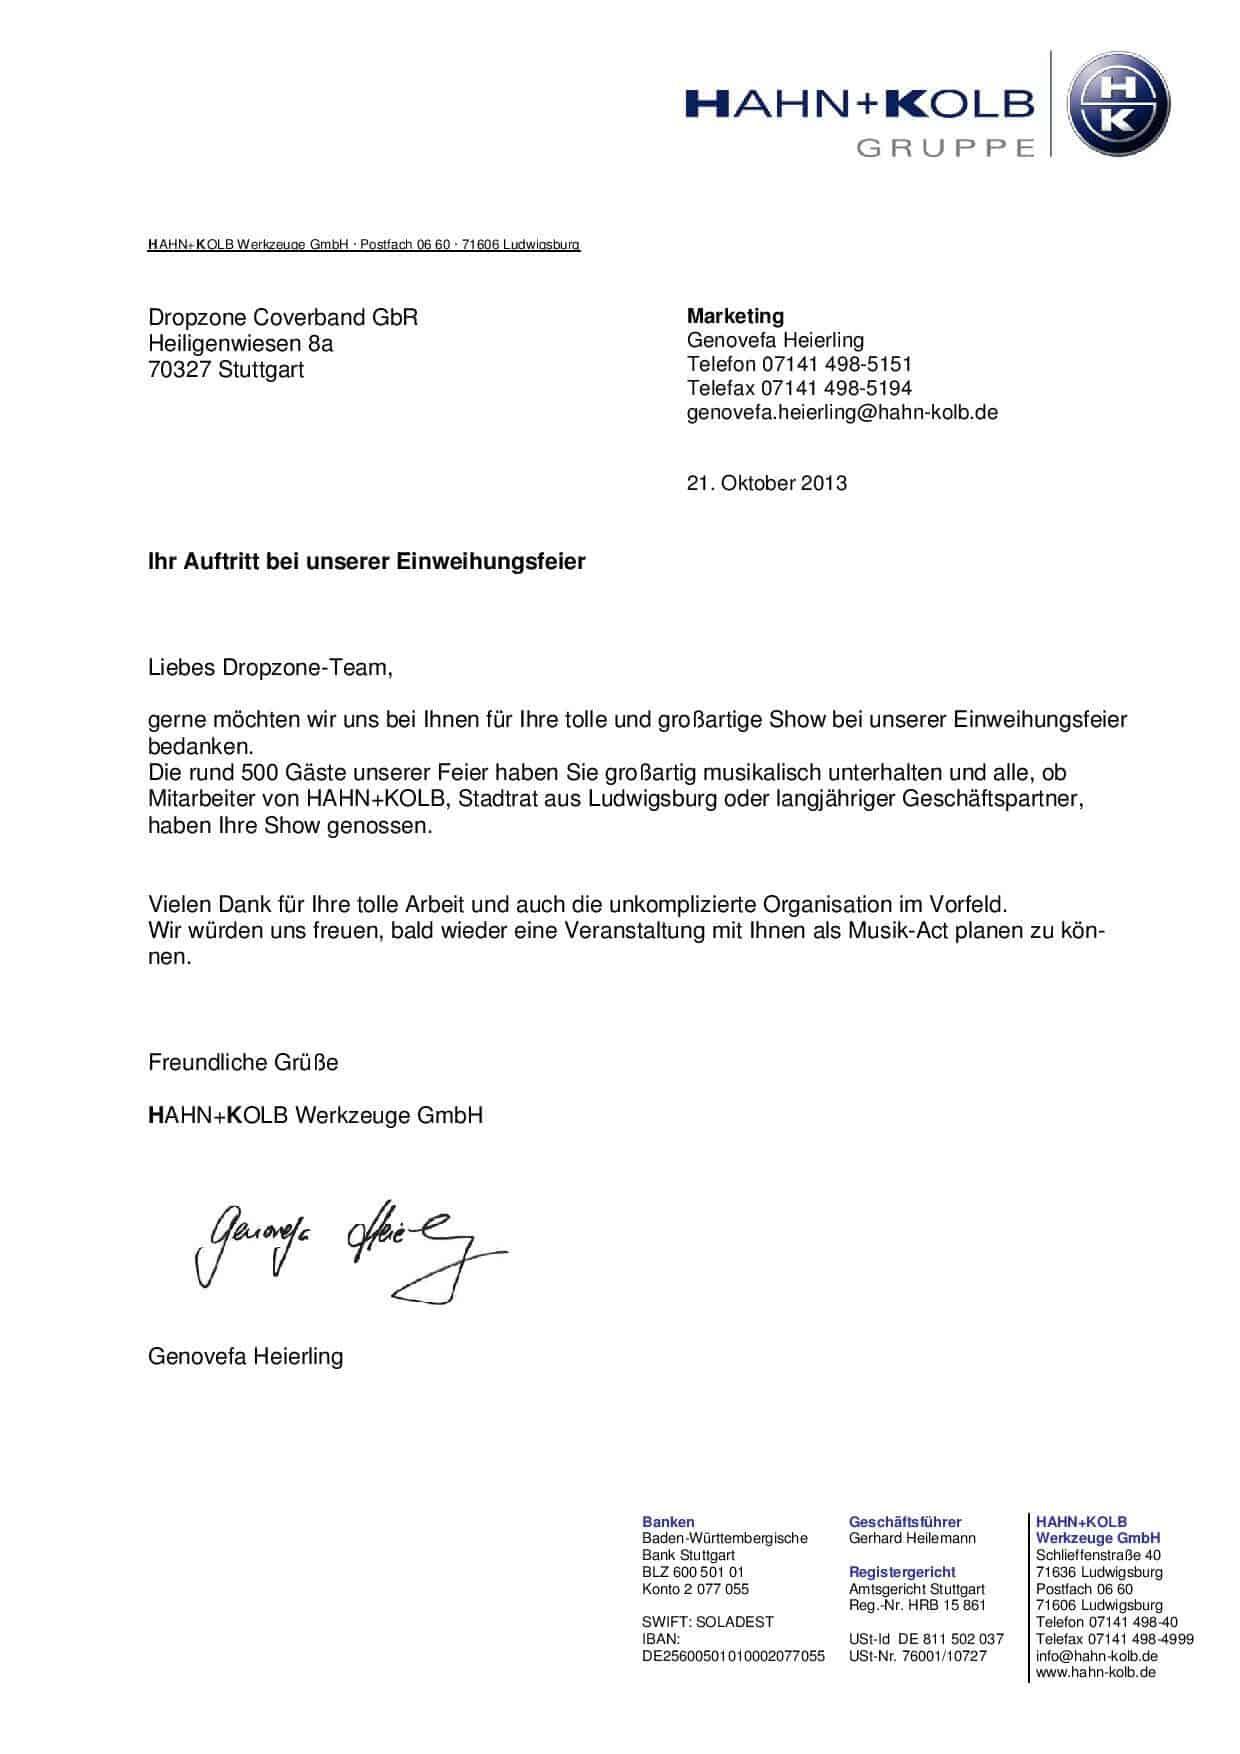 Empfehlung der HAHN+KOLB Werkzeuge GmbH